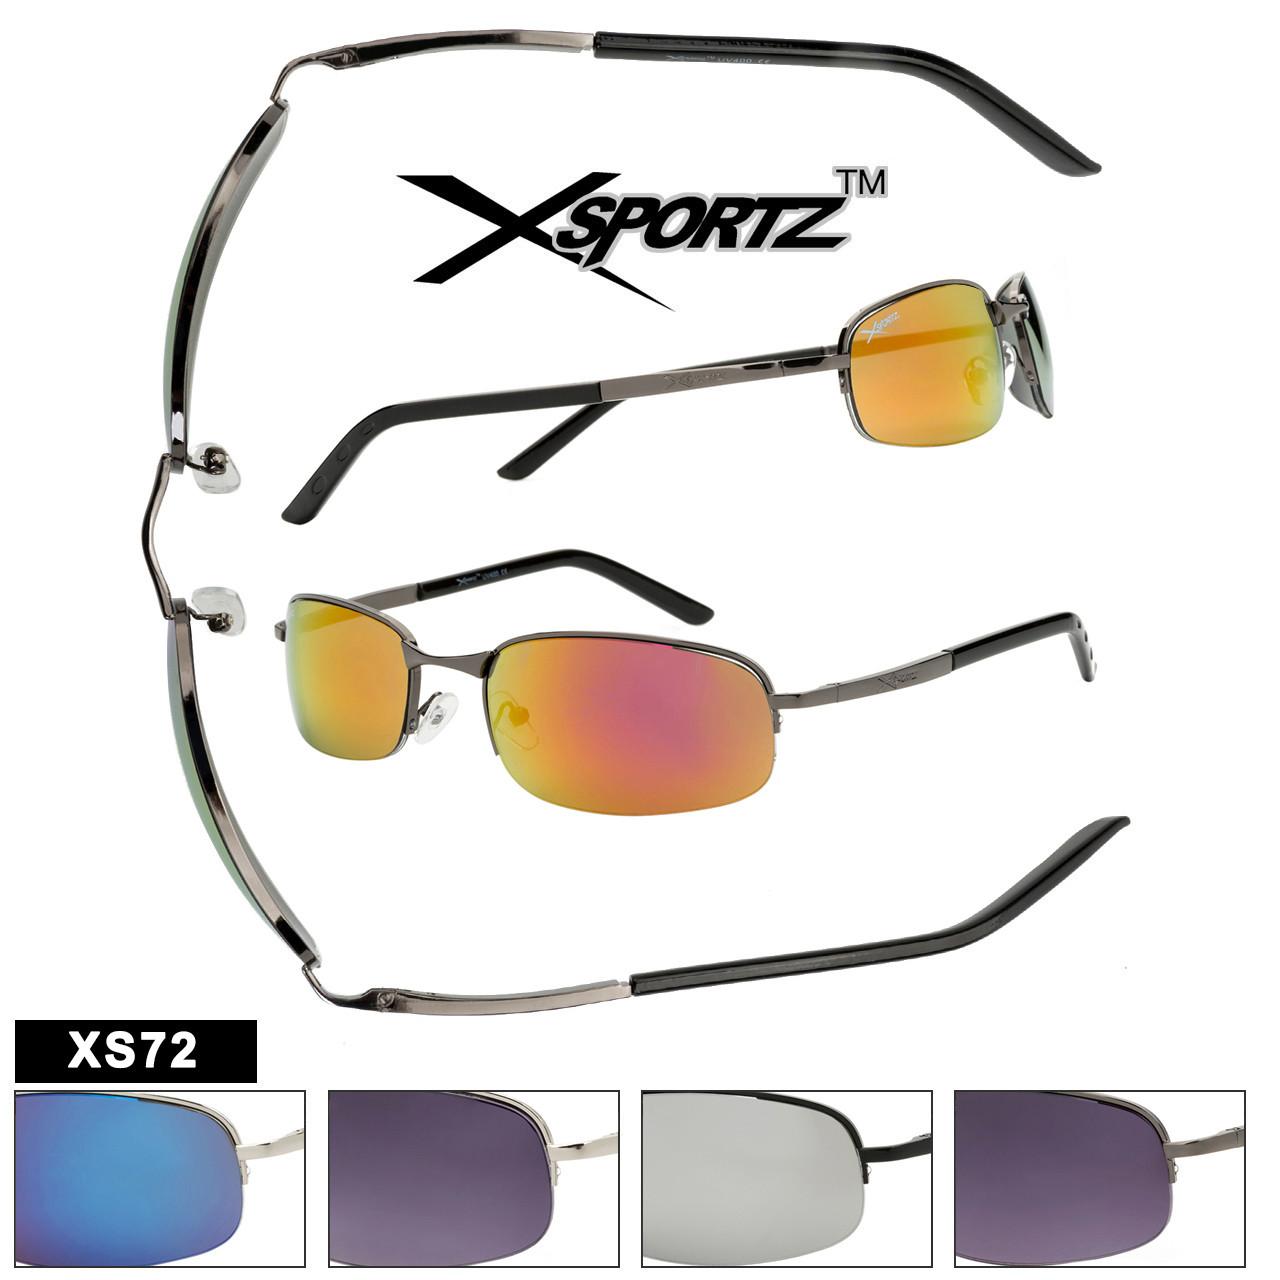 51d487855d Wholesale Men  39 s Sport Sunglasses by the Dozen - Style   XS72